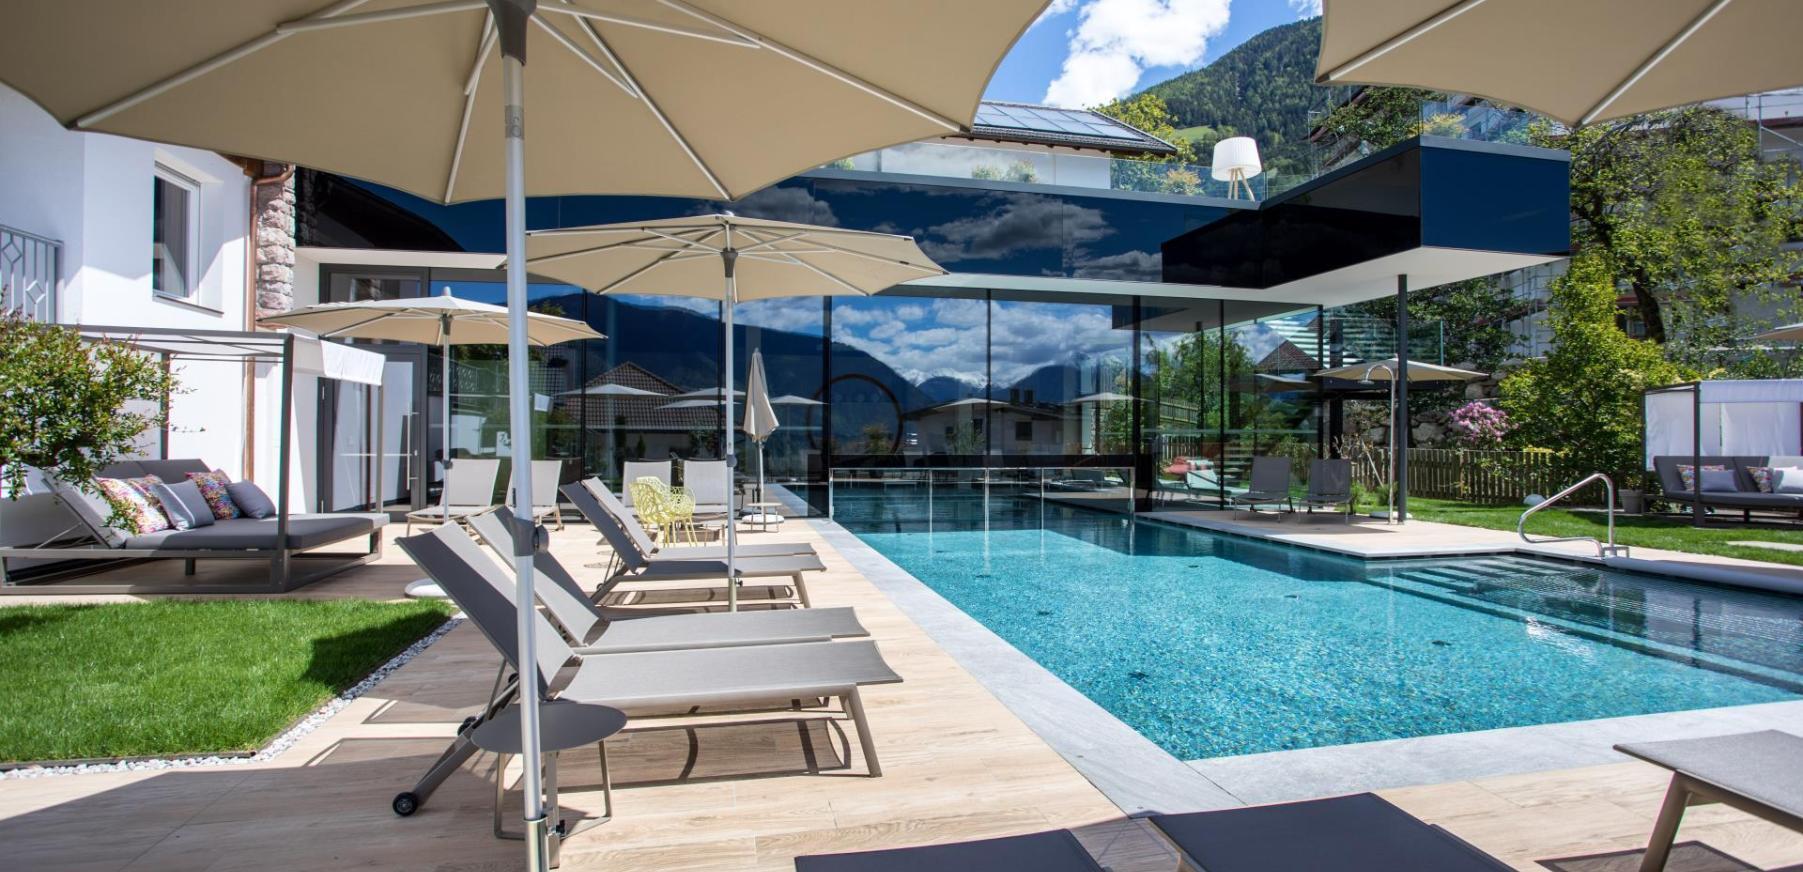 4 Sterne Hotel Schenna Verbringen Sie Einen Entspannten Urlaub In